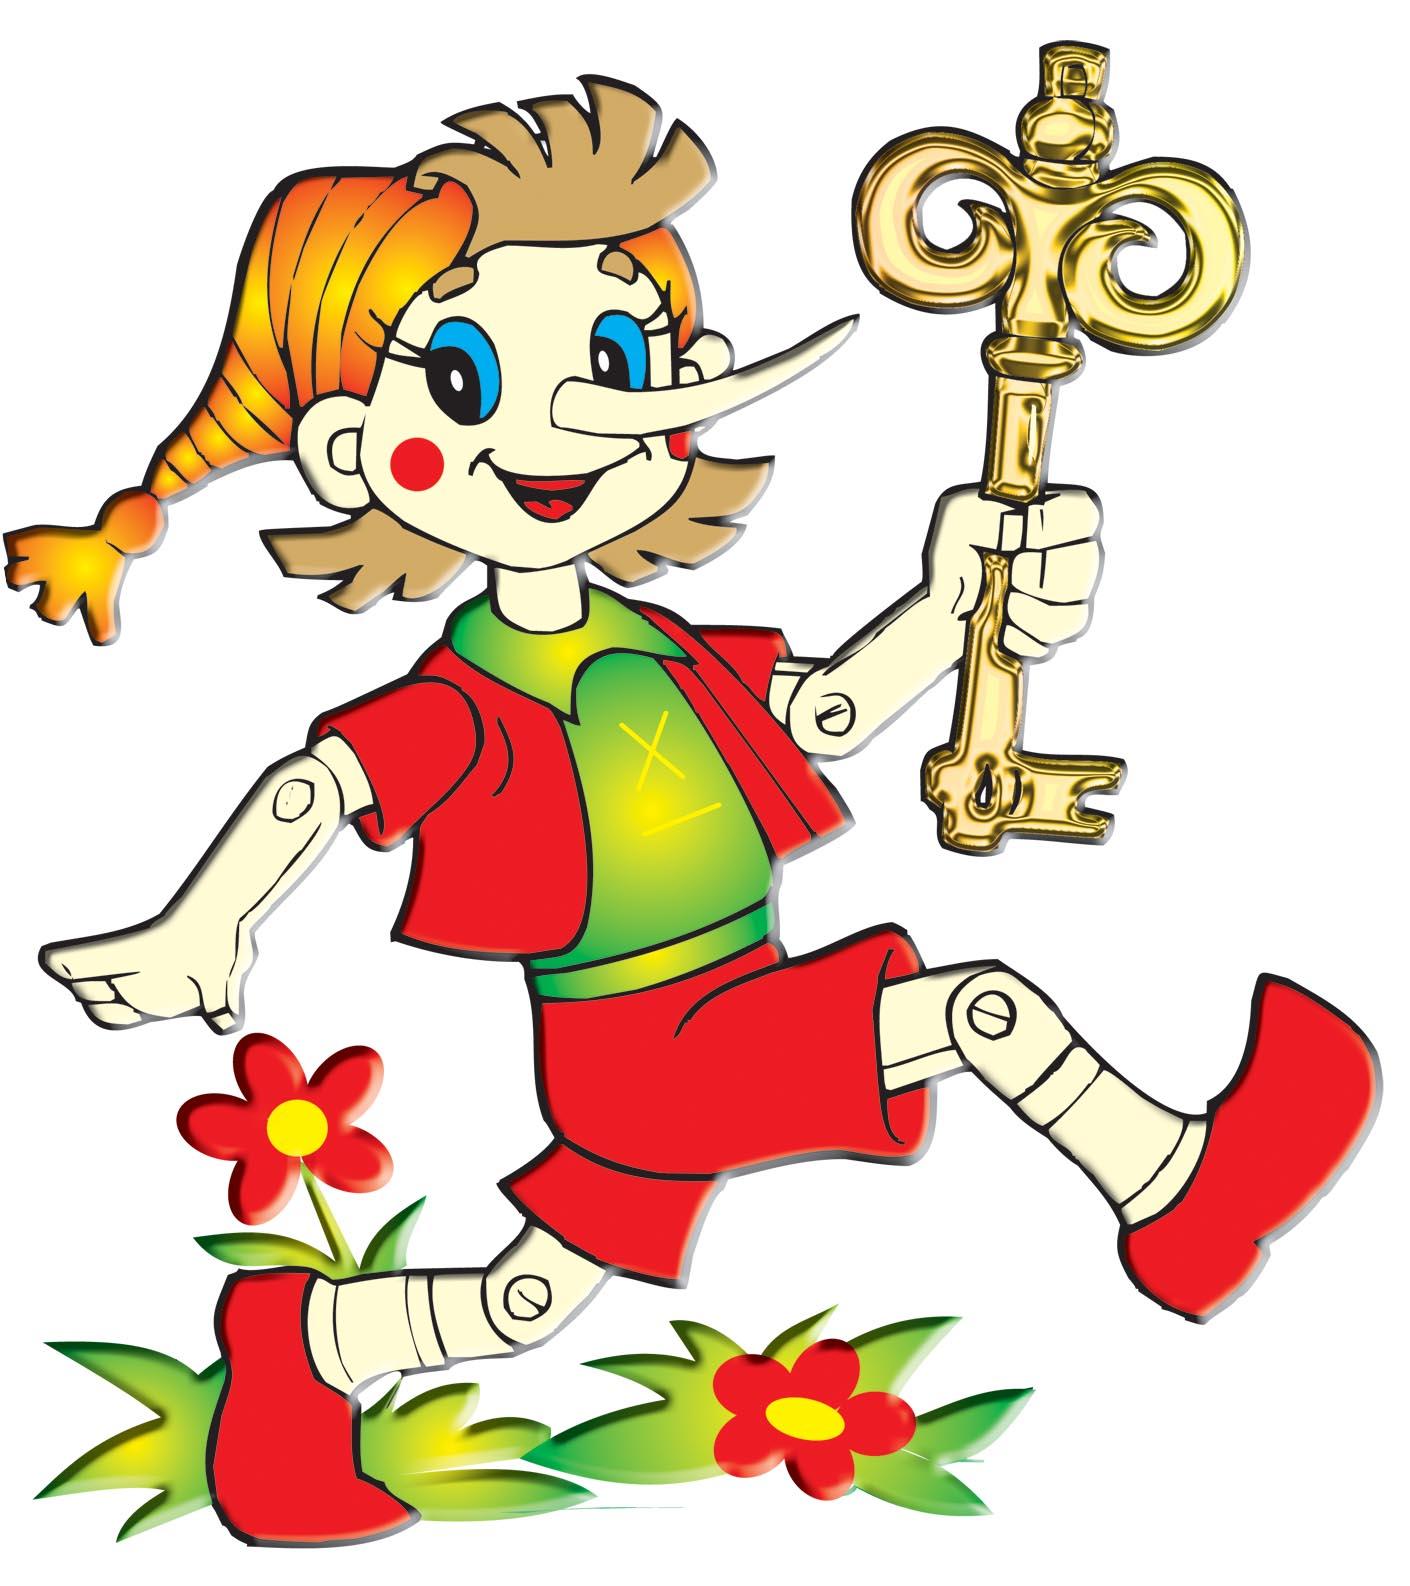 Рисунок из сказки буратино и золотой ключик